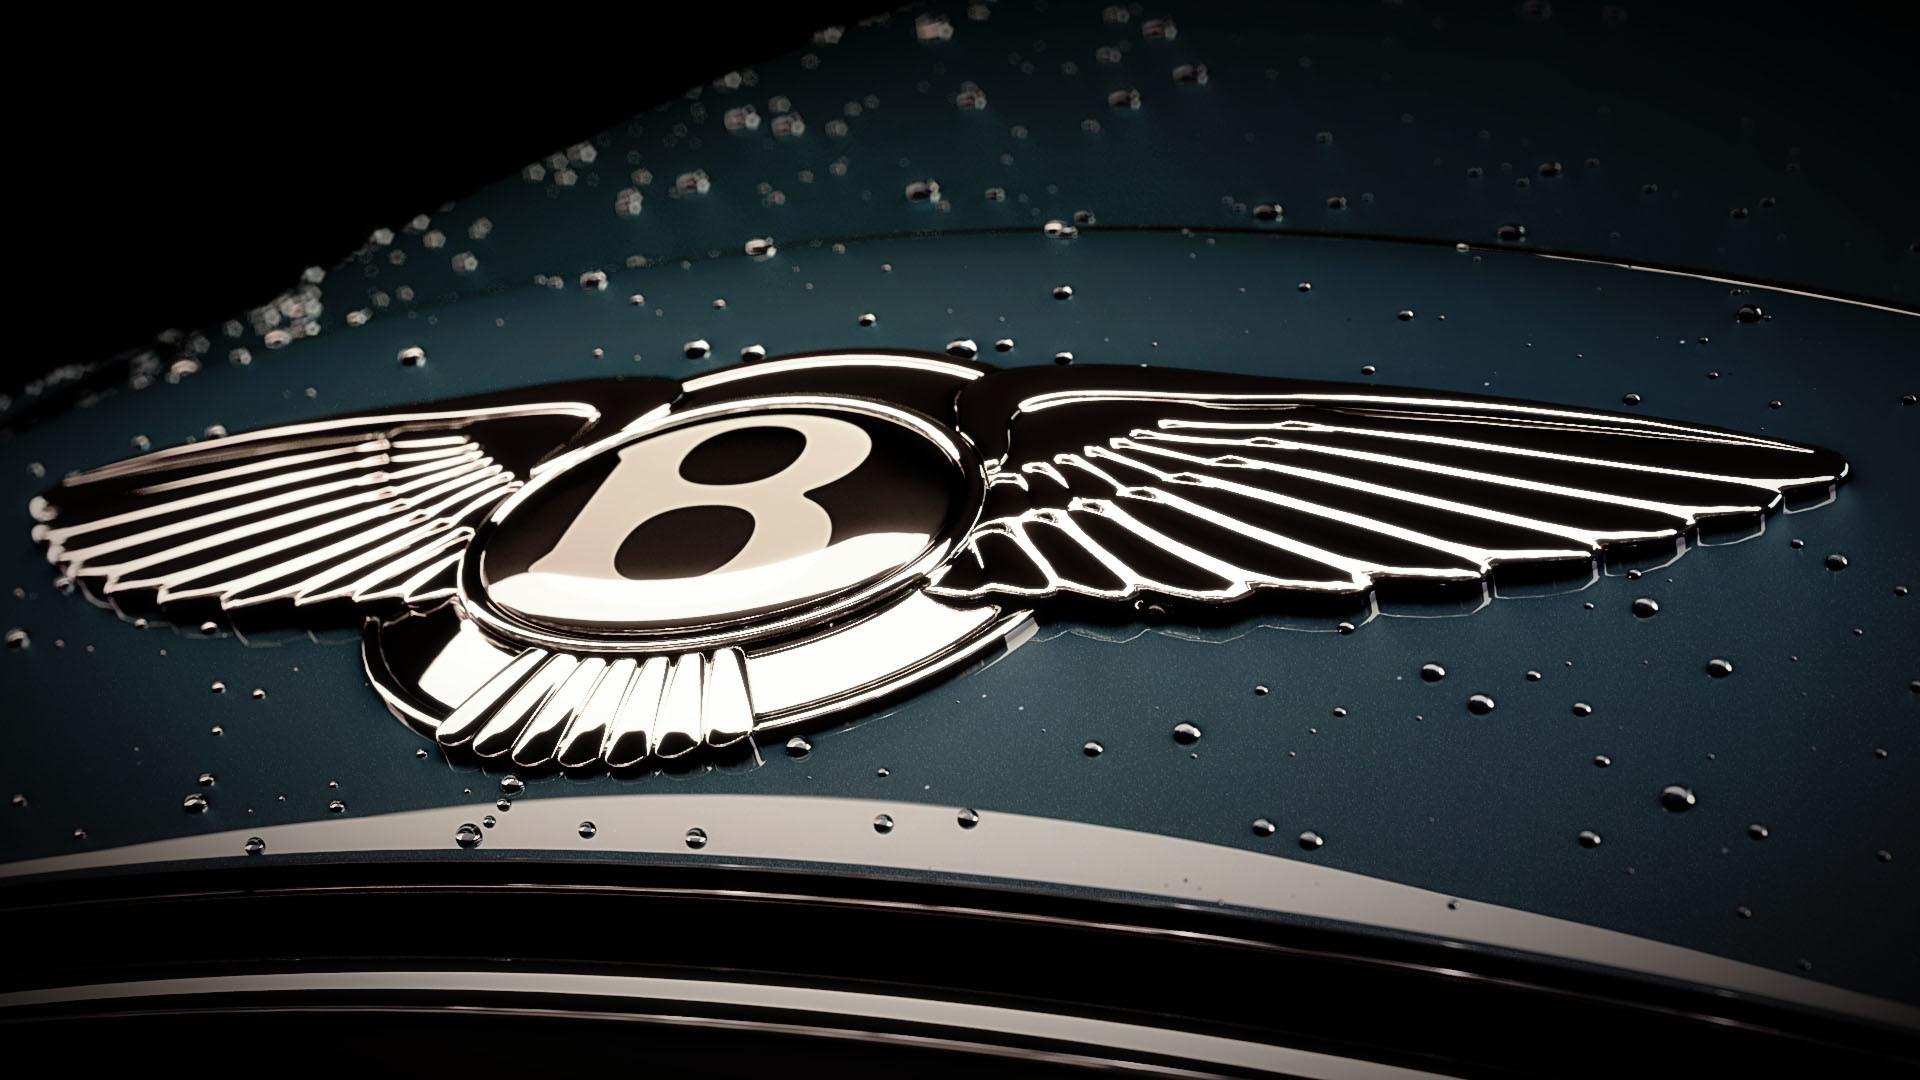 Wallpaper Hd Wallpapers Bentley Car Logo Bentley Brands Bentley